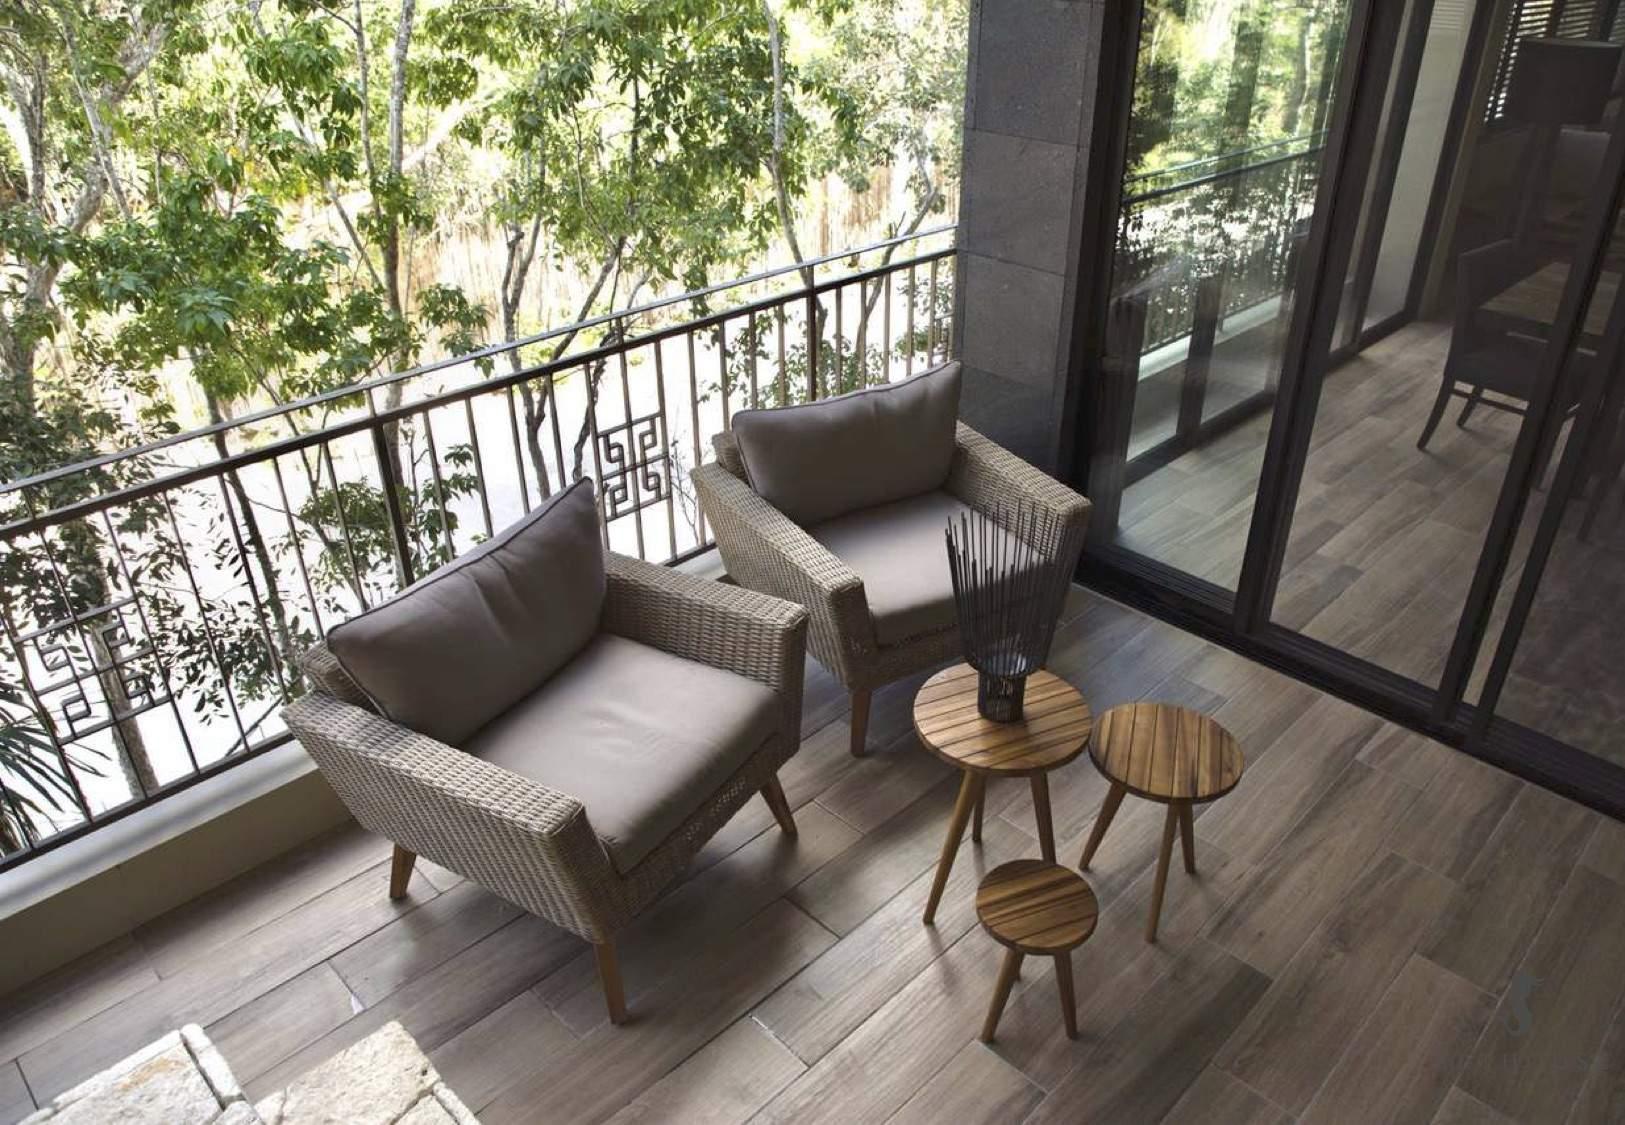 Design Arthouse Outdoor Patio